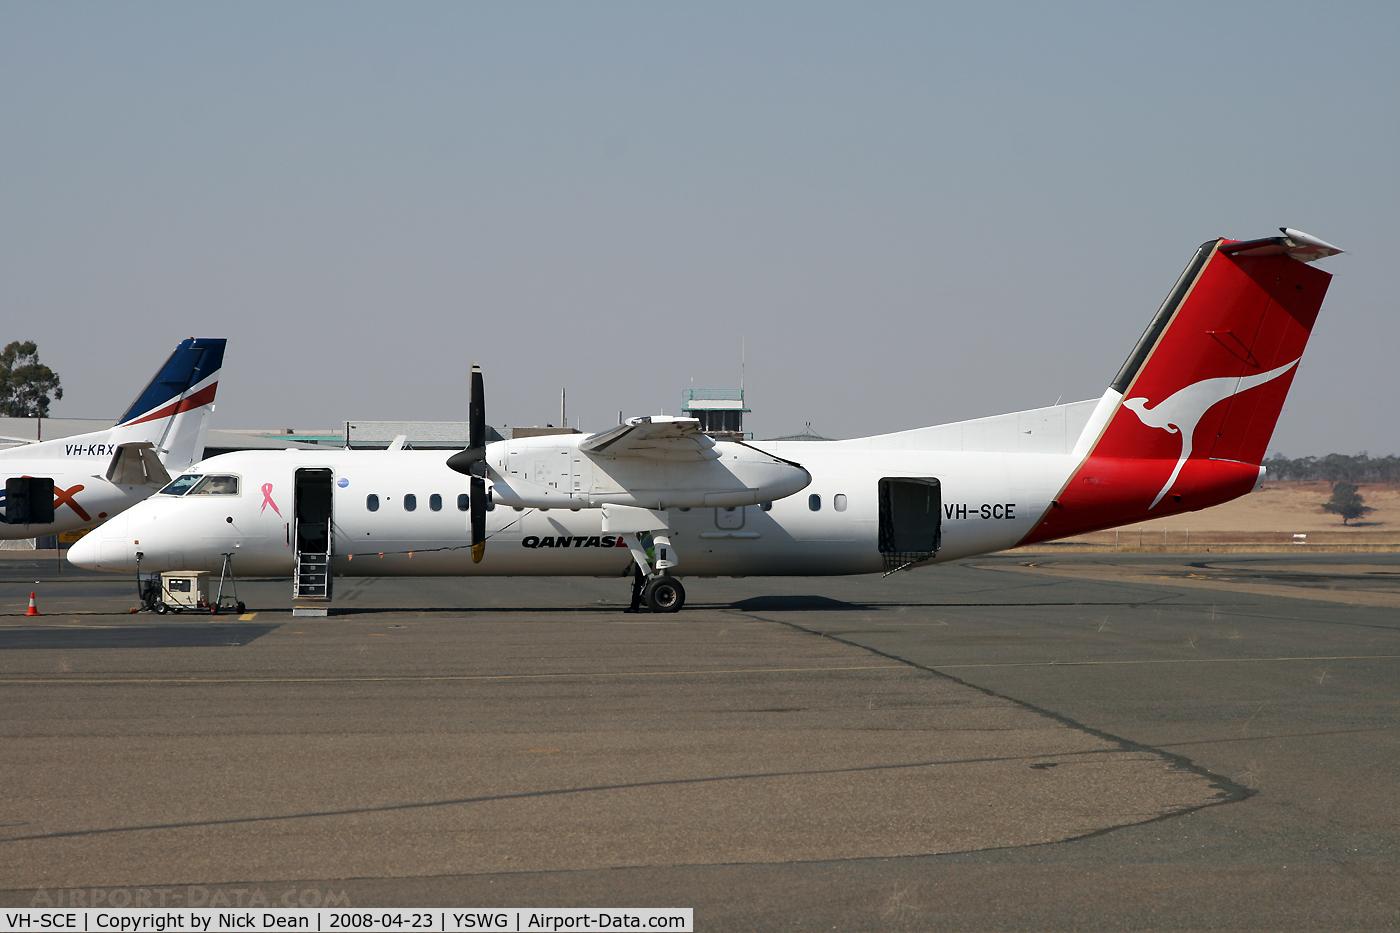 VH-SCE, 2004 De Havilland Canada DHC-8-315Q Dash 8 C/N 602, /